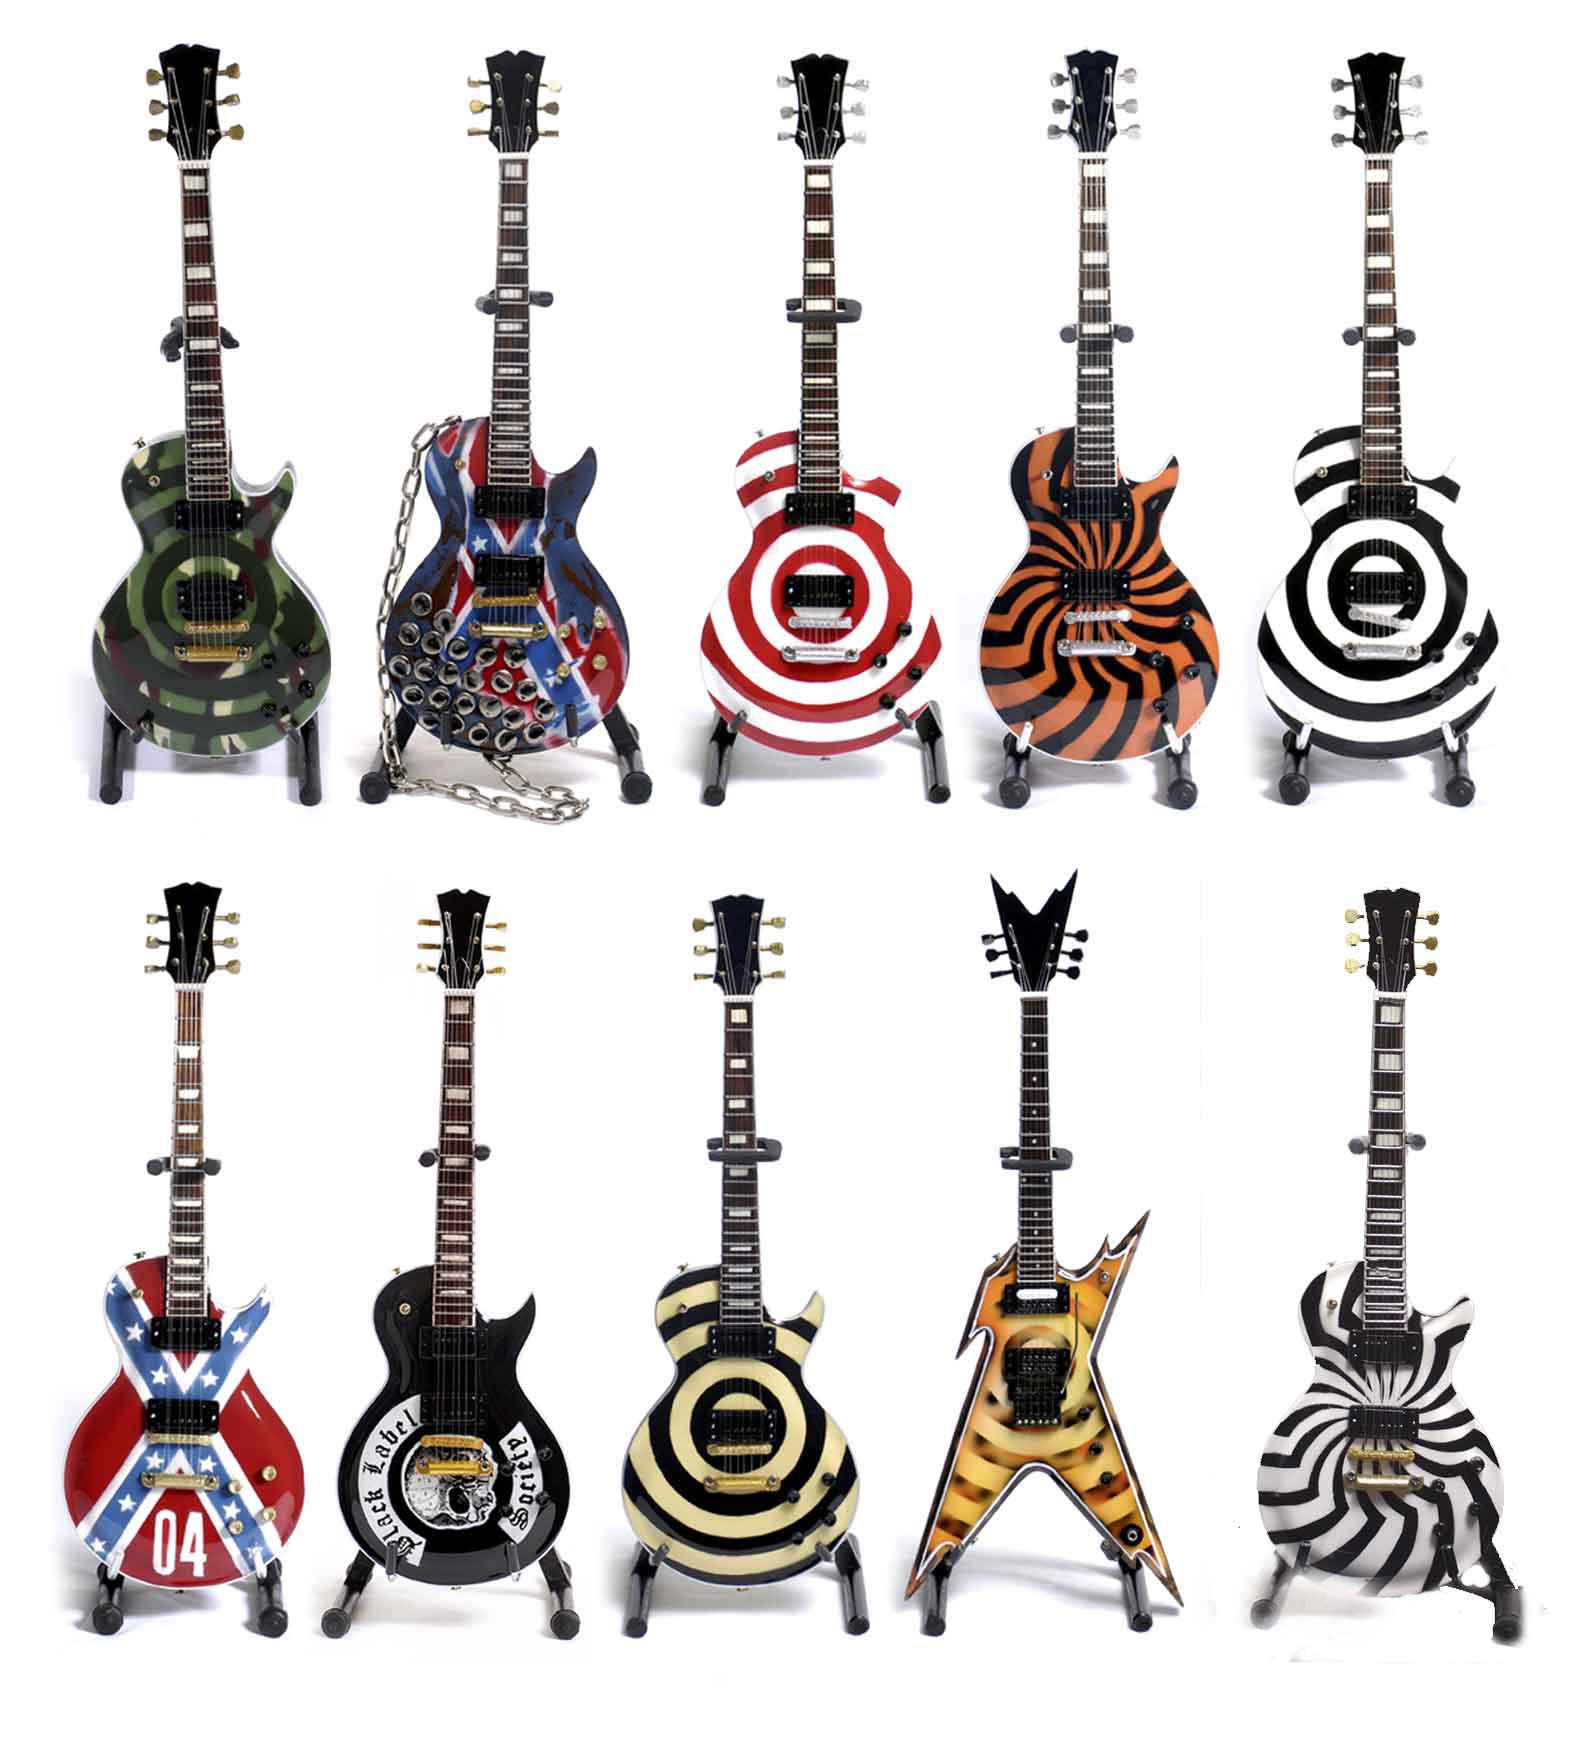 zakk-wylde-guitars